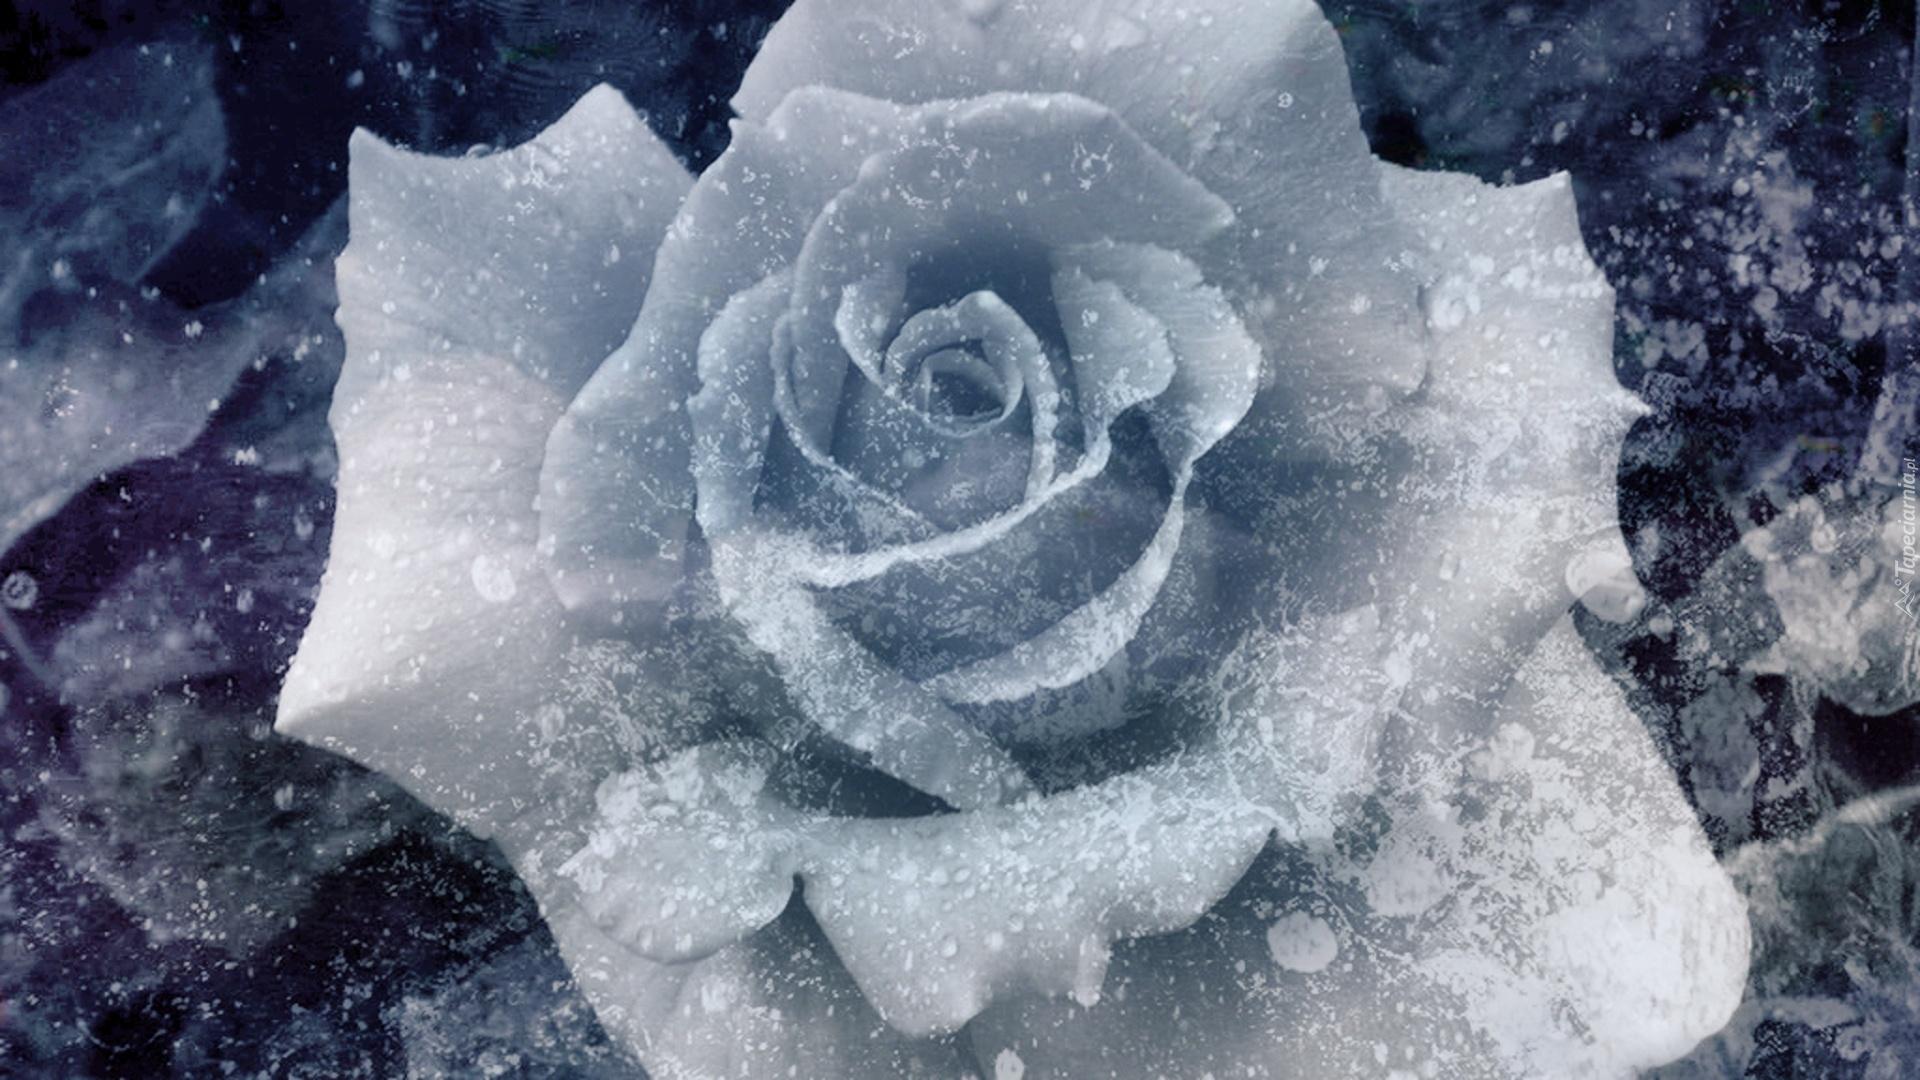 Картинки тел, картинки белая роза на снегу